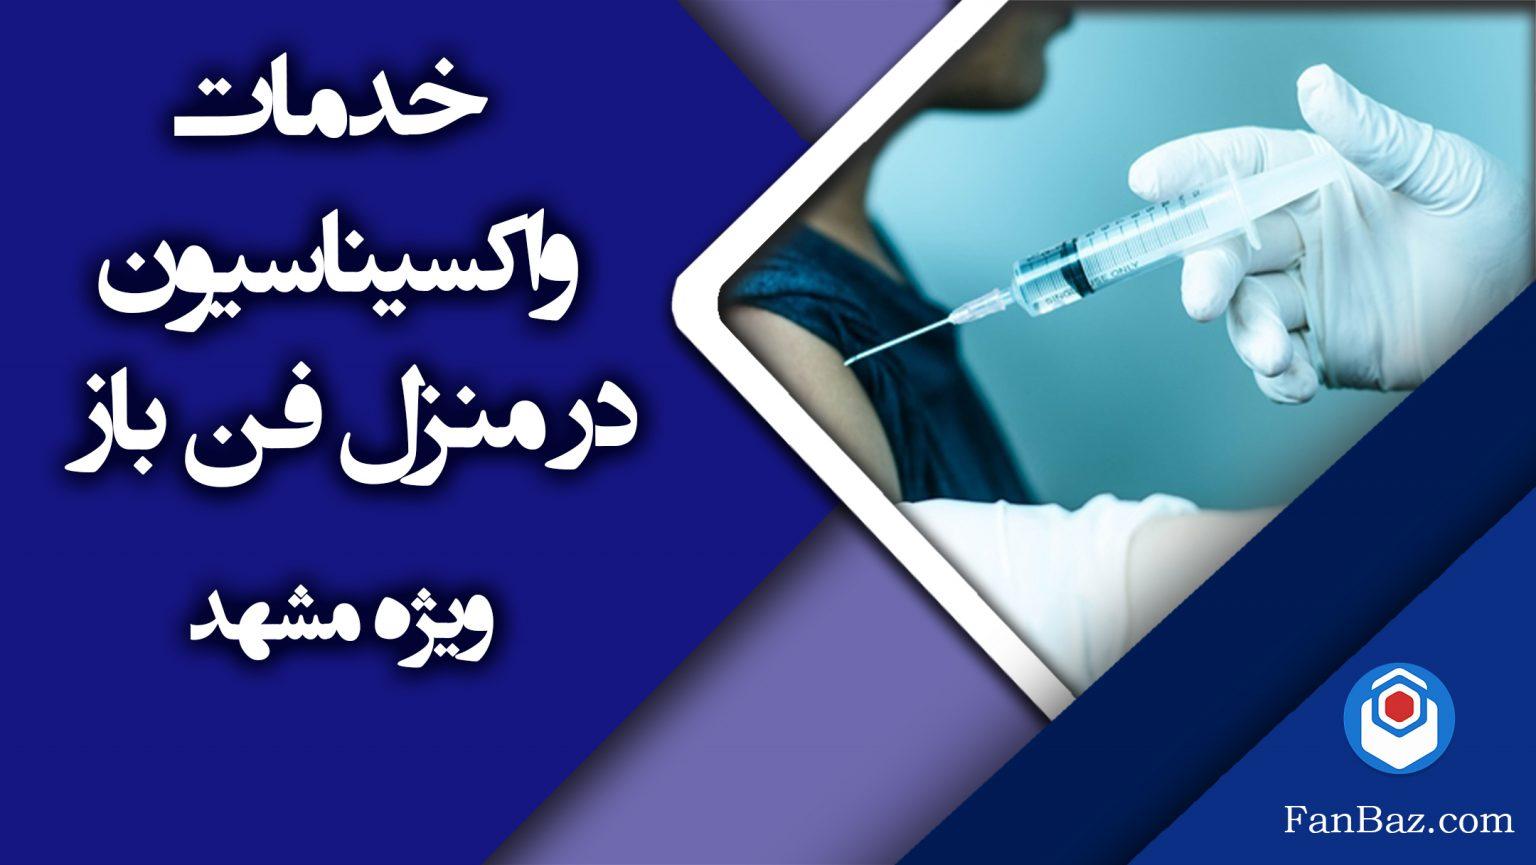 واکسیناسیون در منزل مشهد